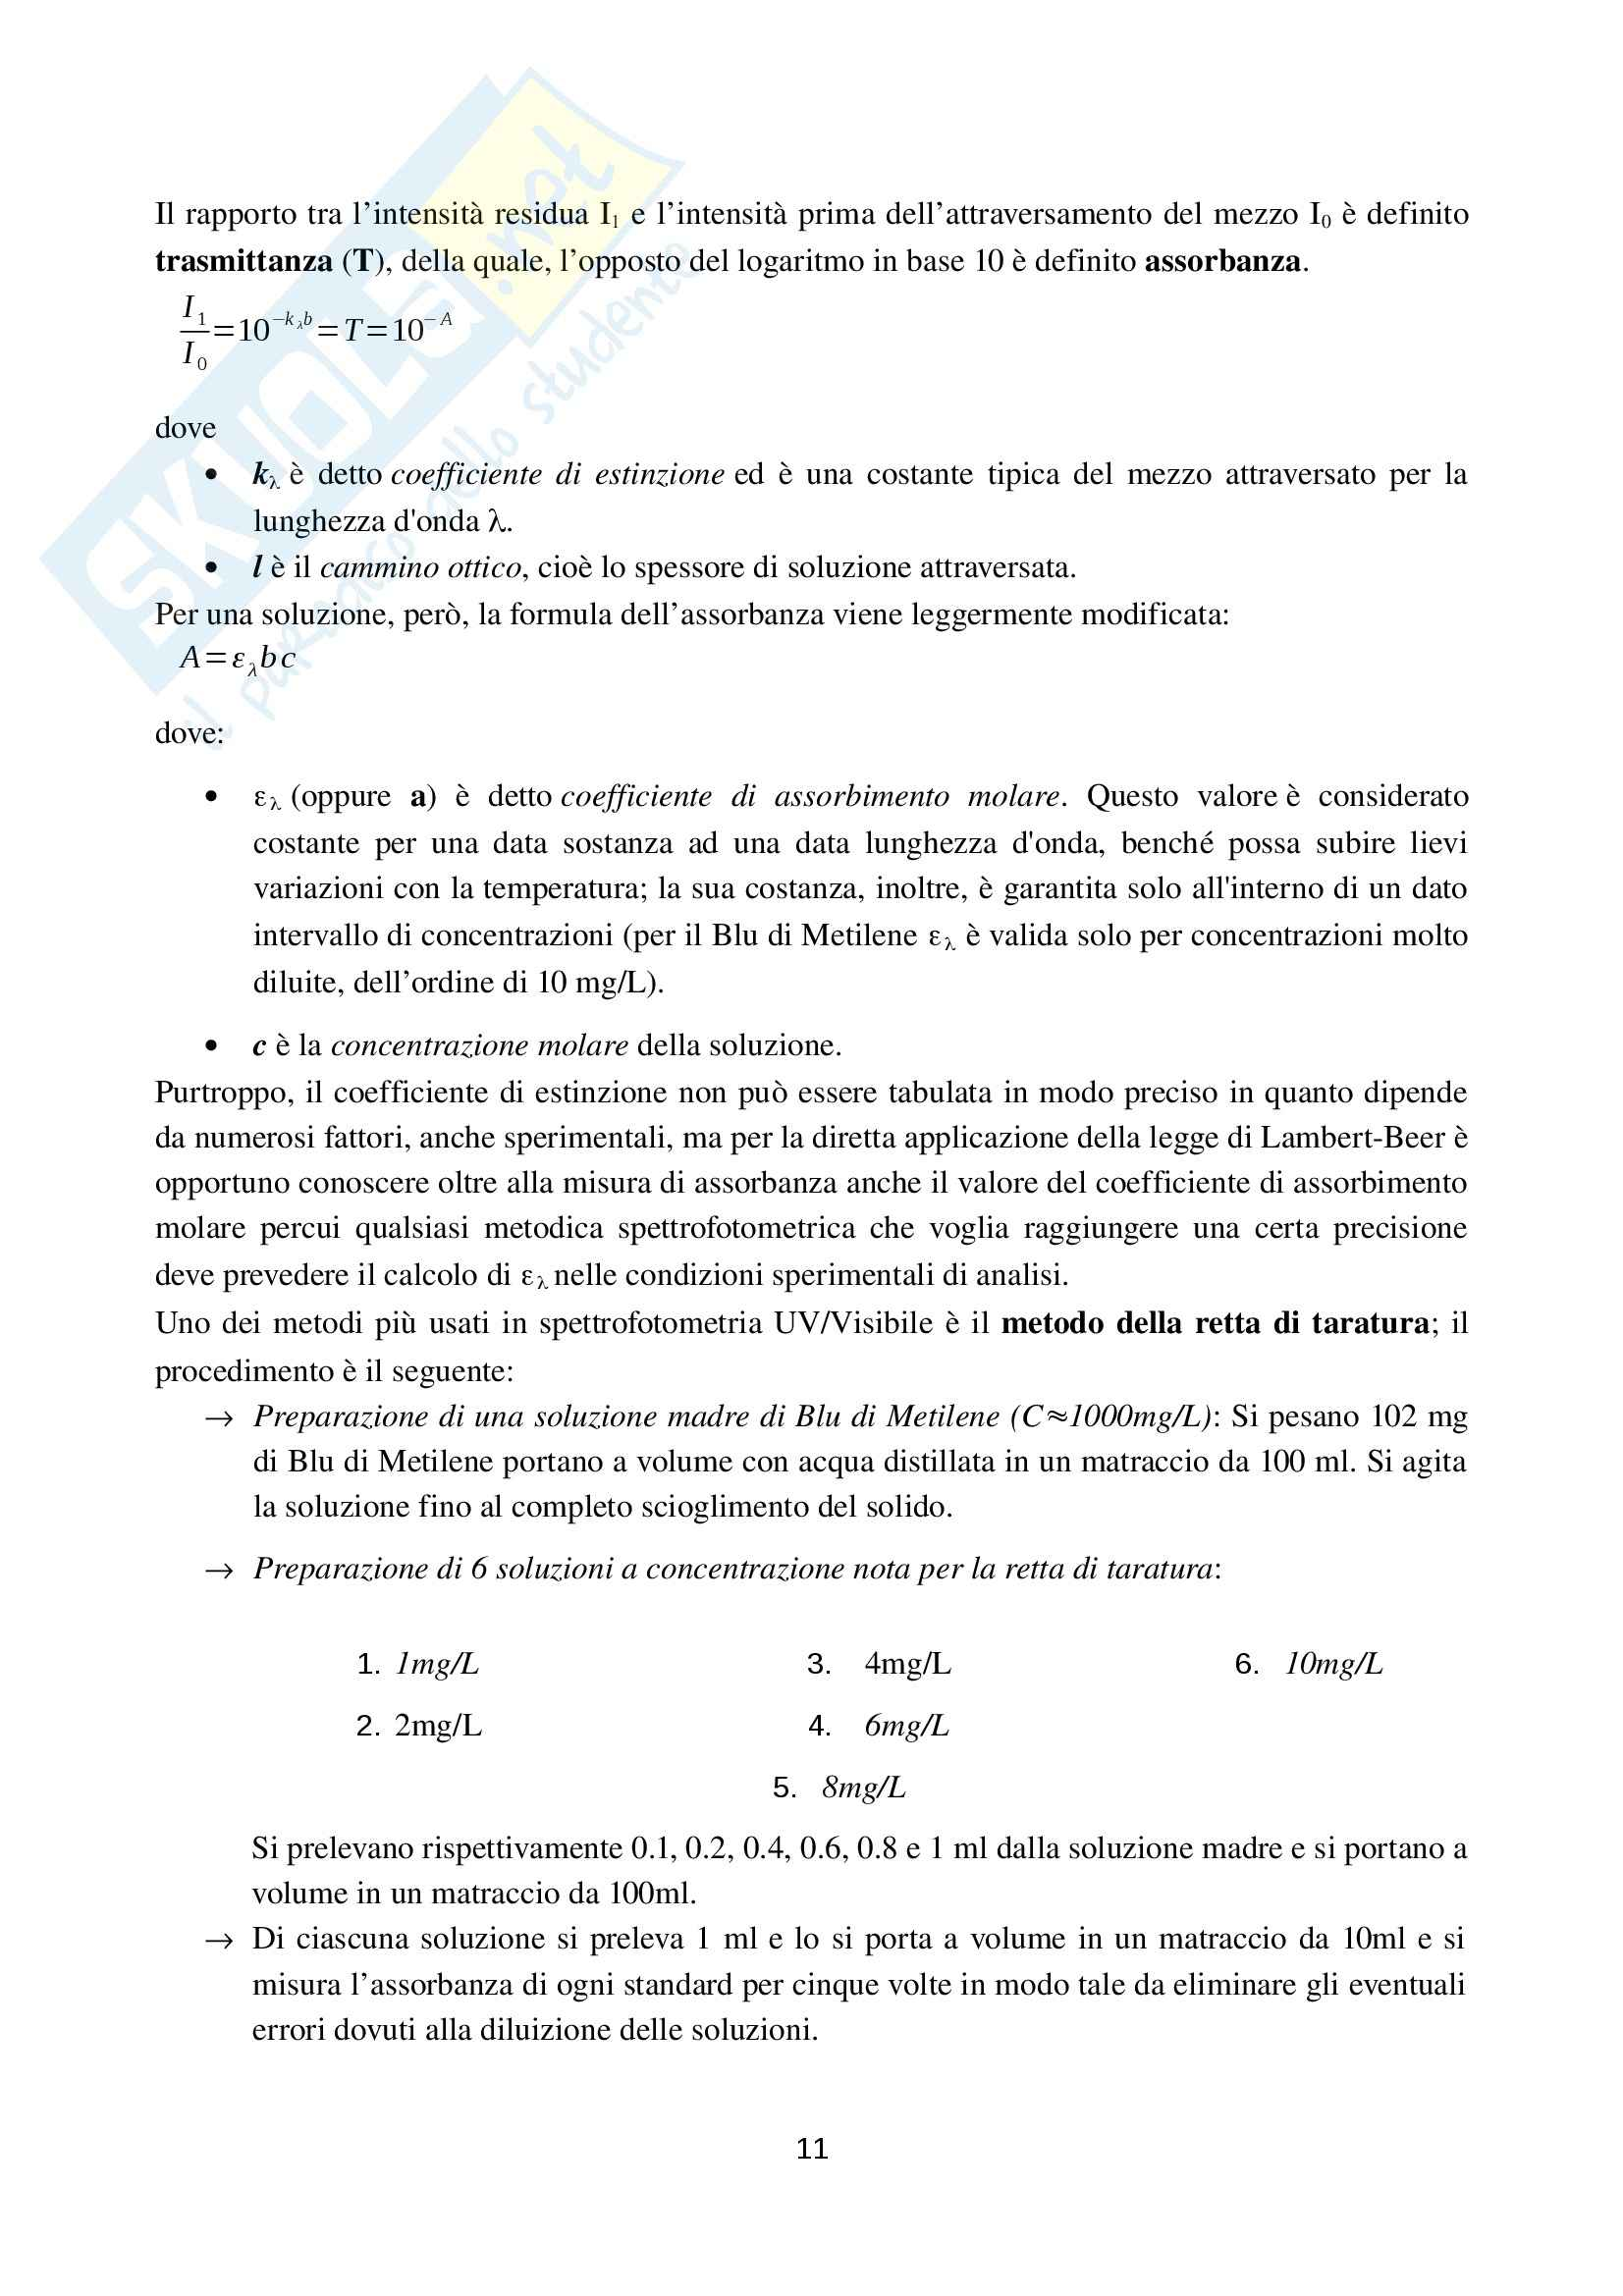 Relazione Laboratorio 3, Laboratorio di ingegneria chimica Pag. 11